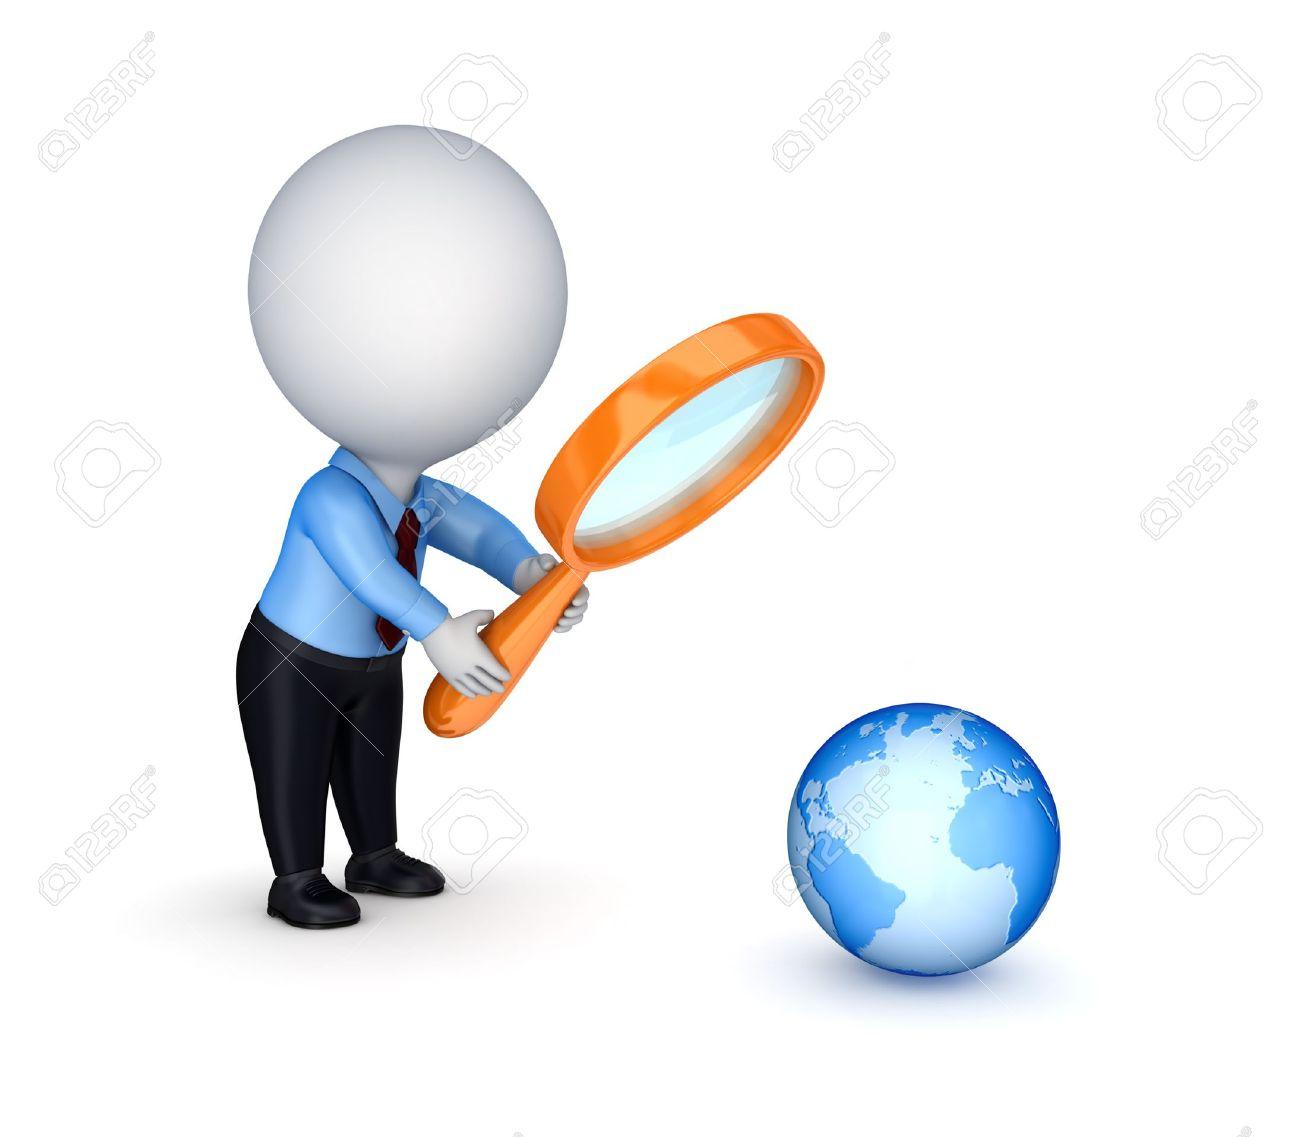 Search concept - 14072575